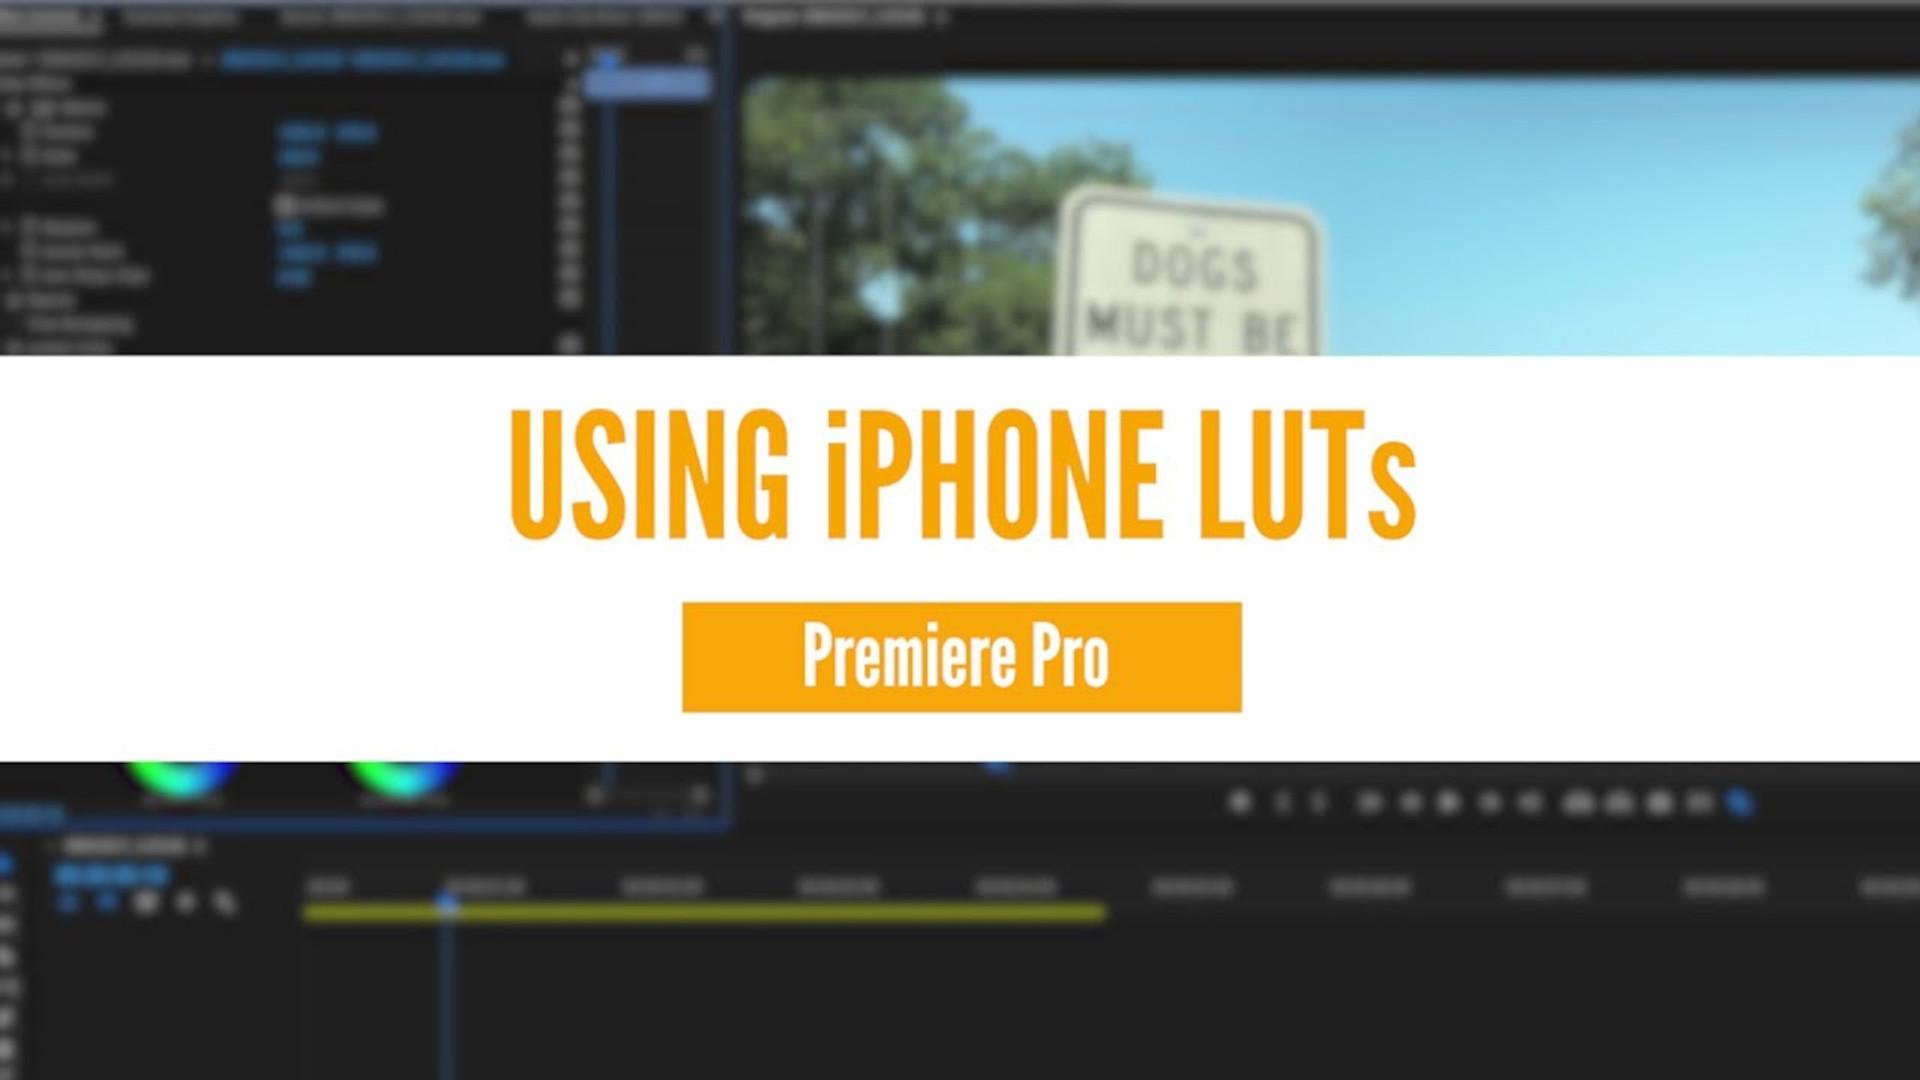 Using LUTs in Premiere Pro